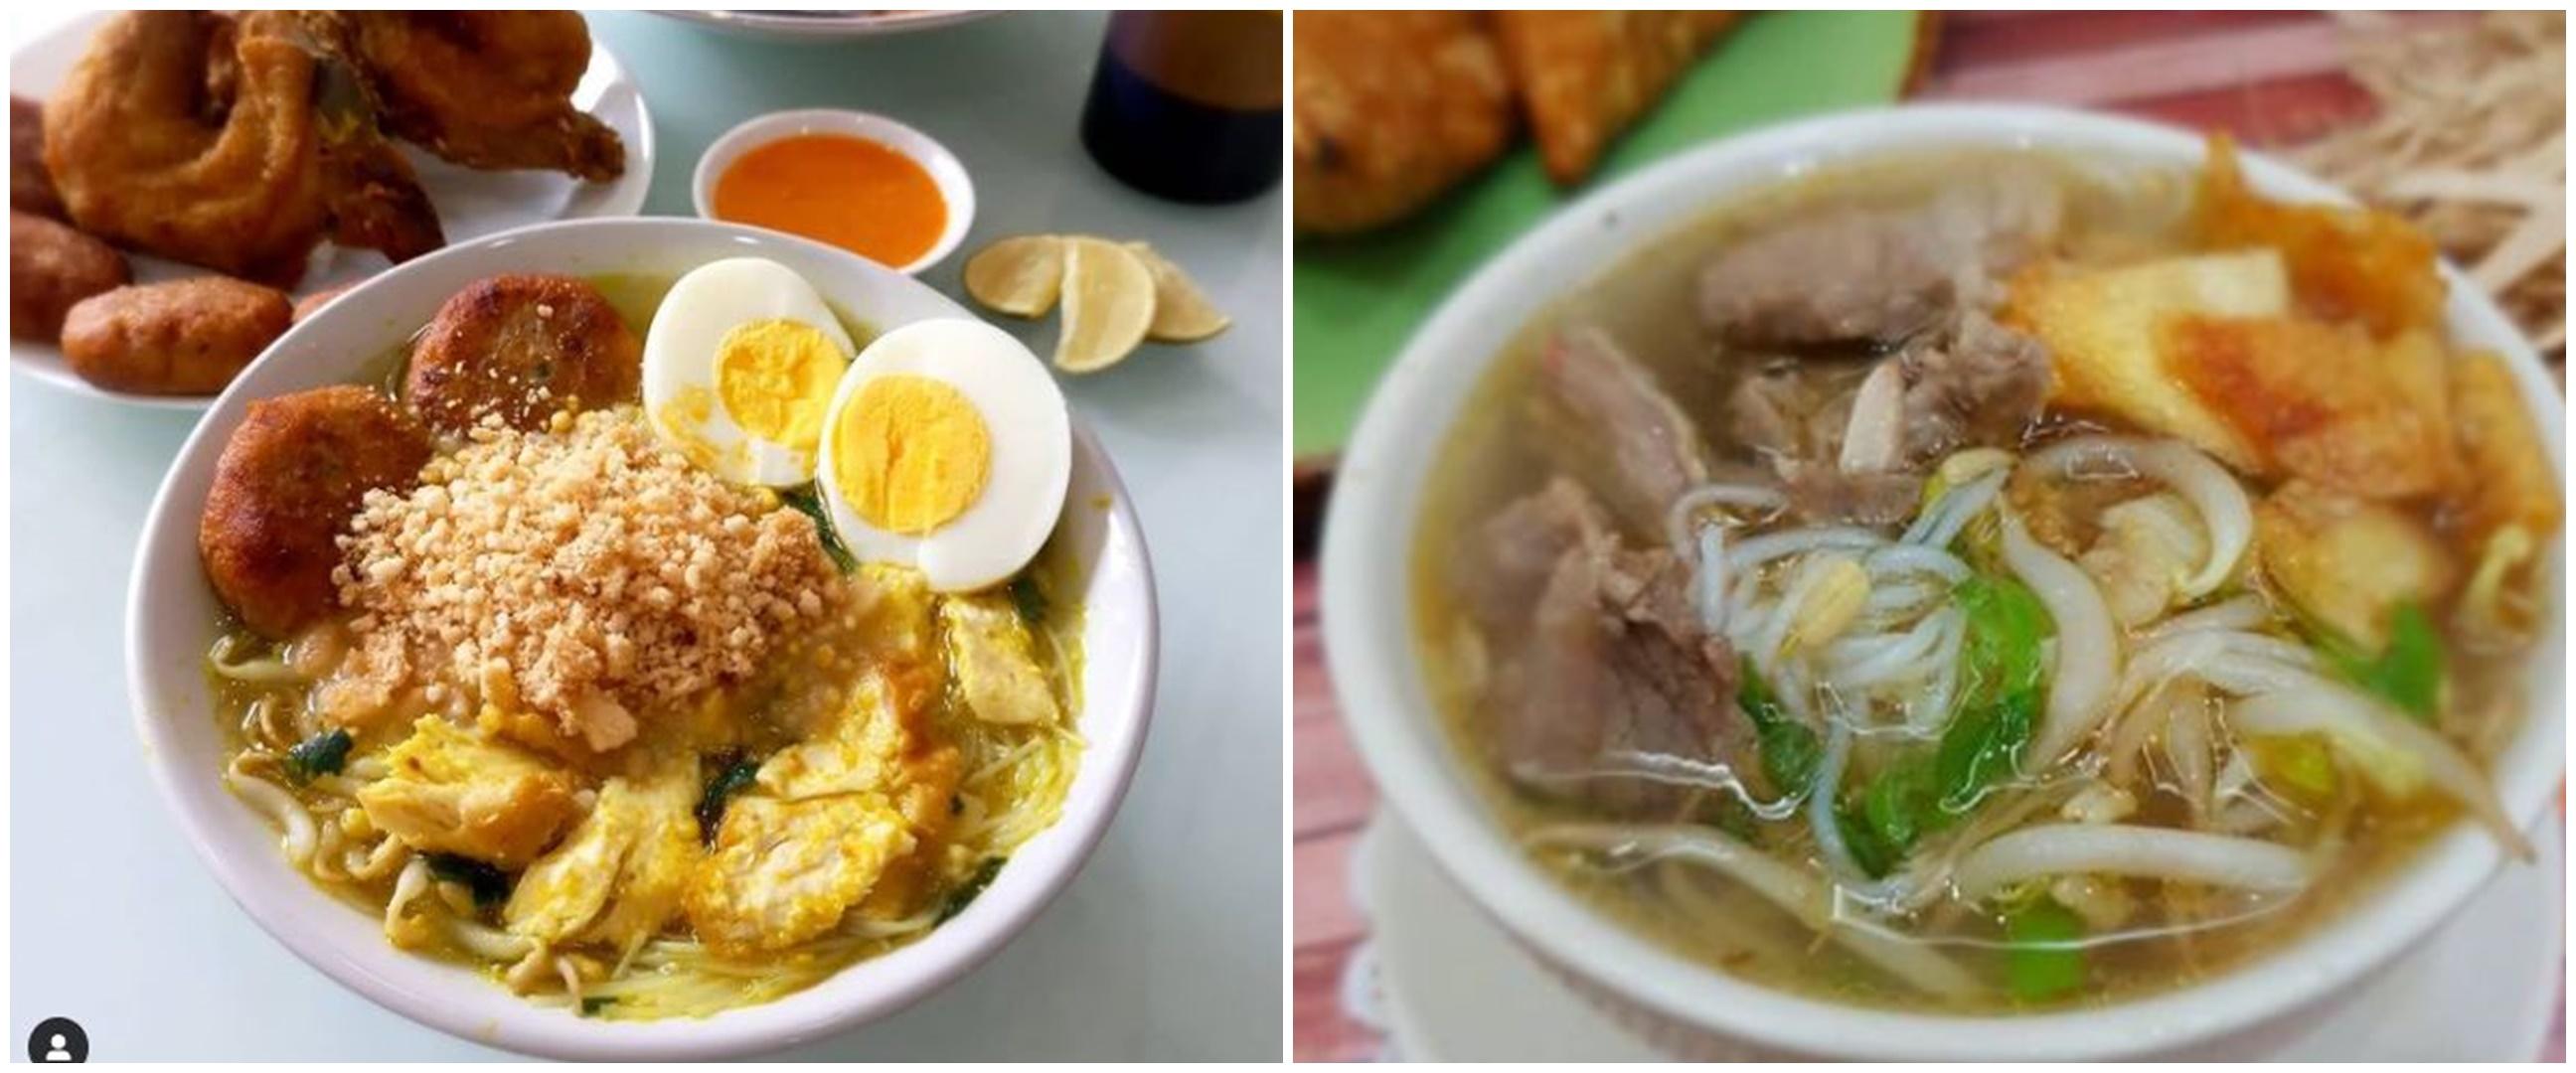 15 Resep soto daging dari berbagai daerah, lezat dan mudah dibuat